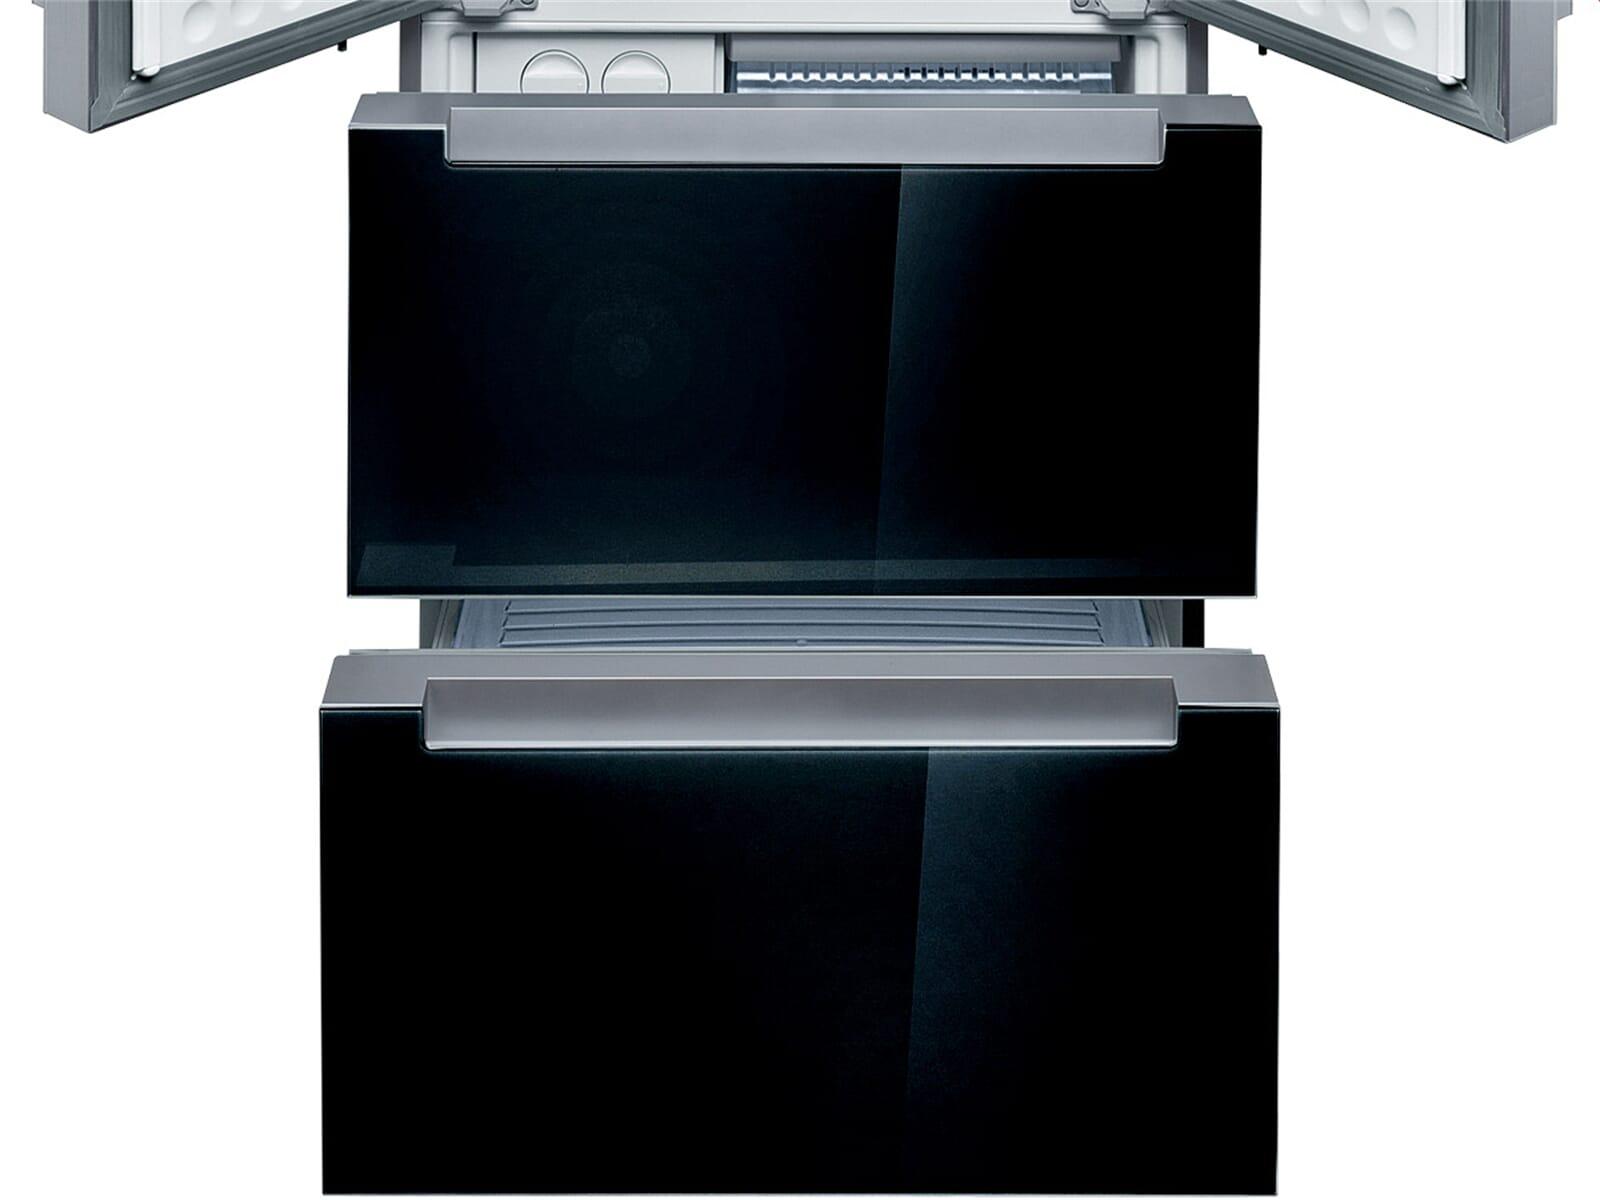 Bosch KMF40SB20 French Door, Kühl-Gefrier-Kombination Schwarz hinter Glas